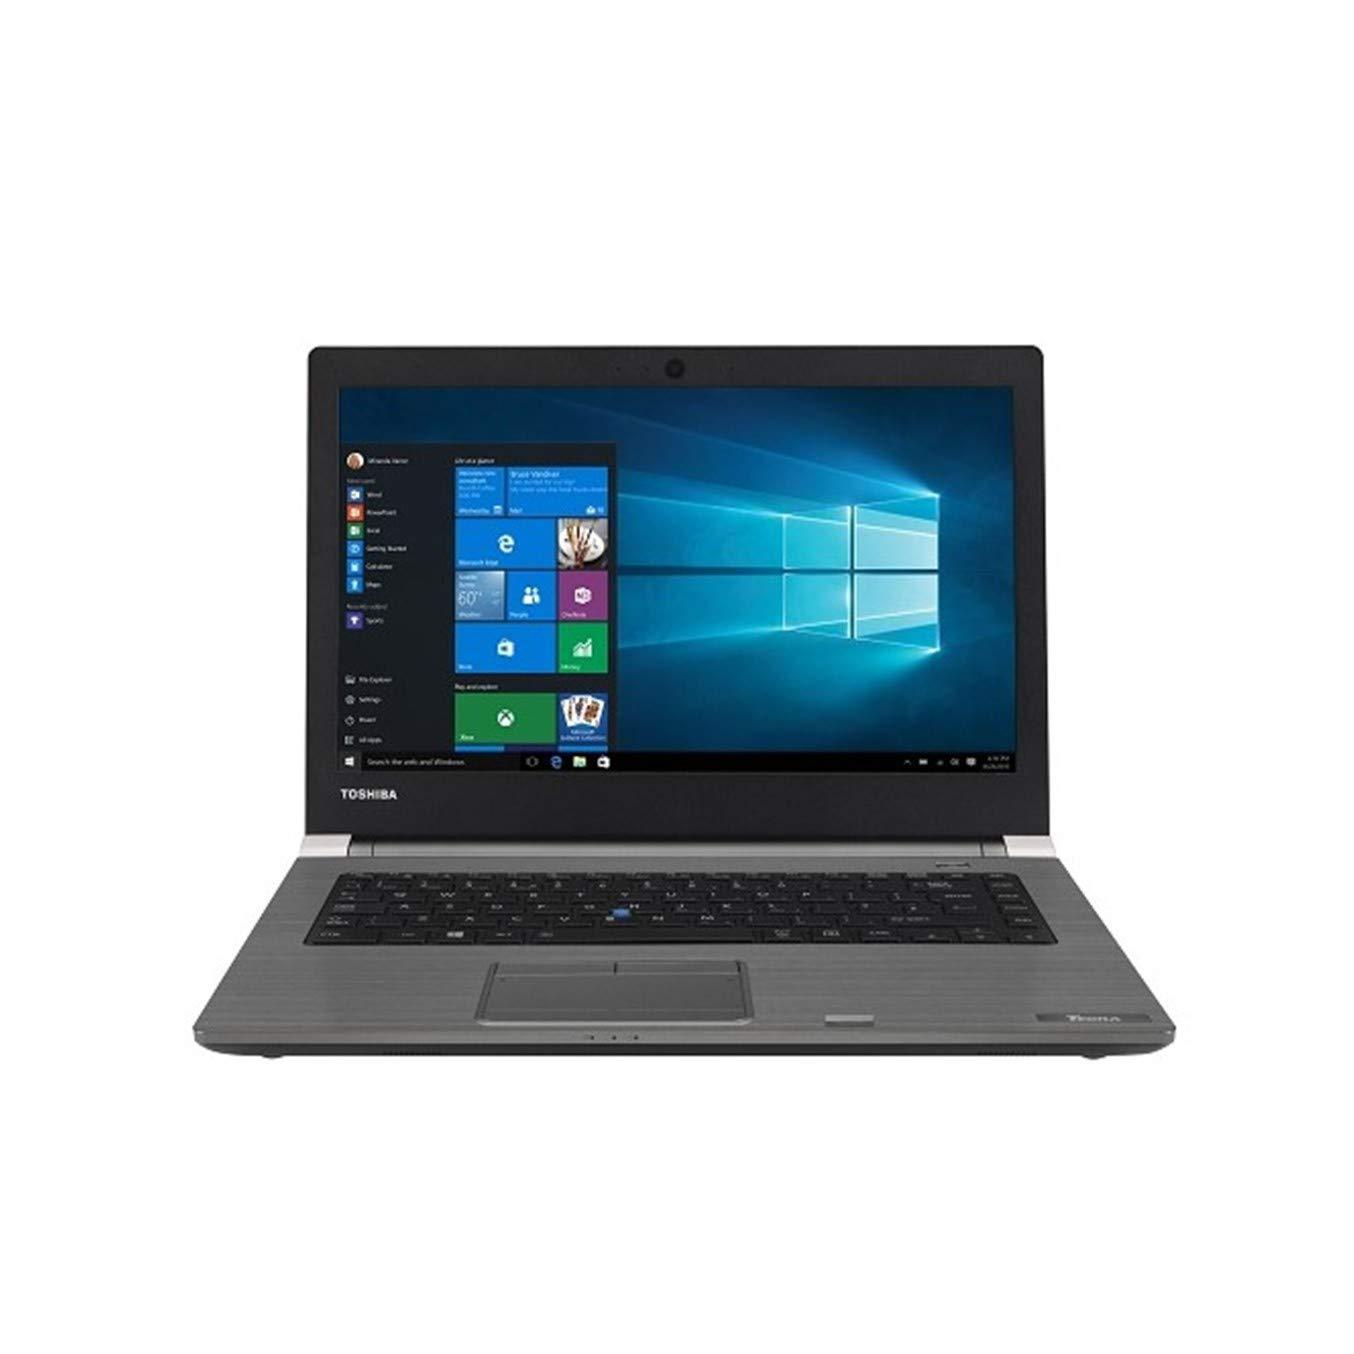 TOSHIBA NB TECRA A40-D-1L7 I5-7200U 8GB 256GB SSD 14 WIN 10 PRO